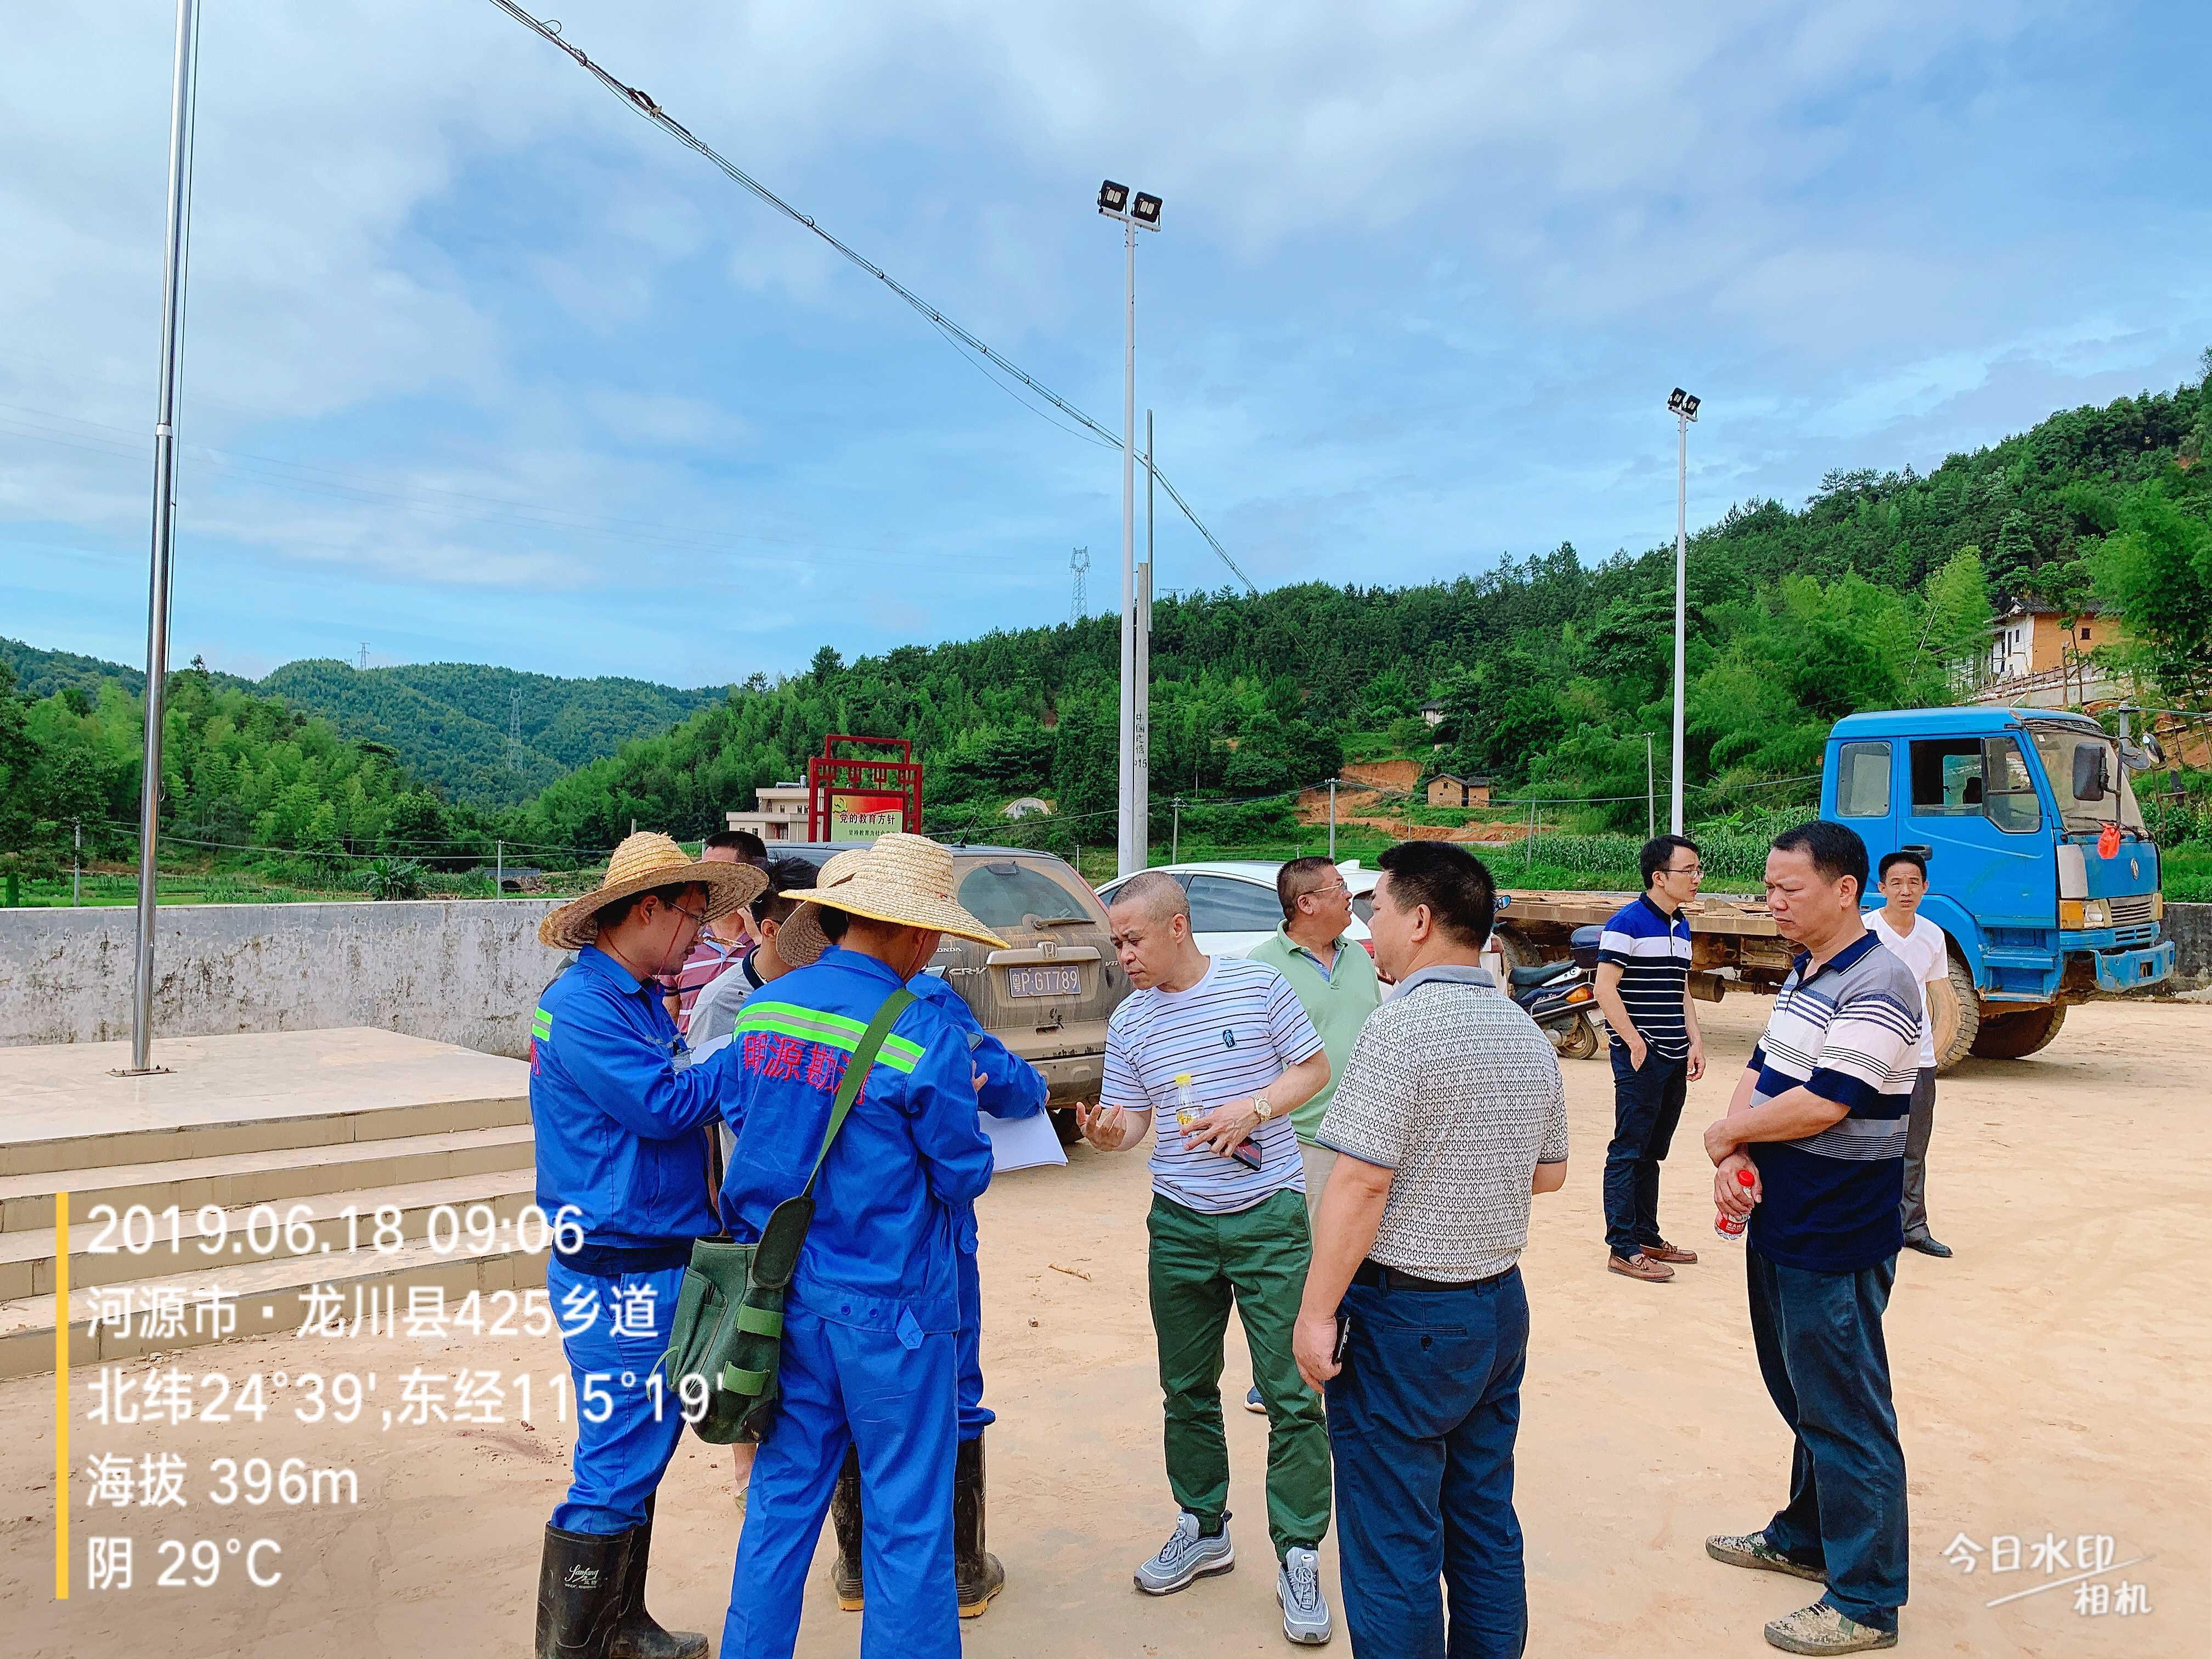 2019.6.18我司谢副主任、陈工等人在龙川县425乡道勘查现场,向市自然资源局测绘院邓院长汇报进度